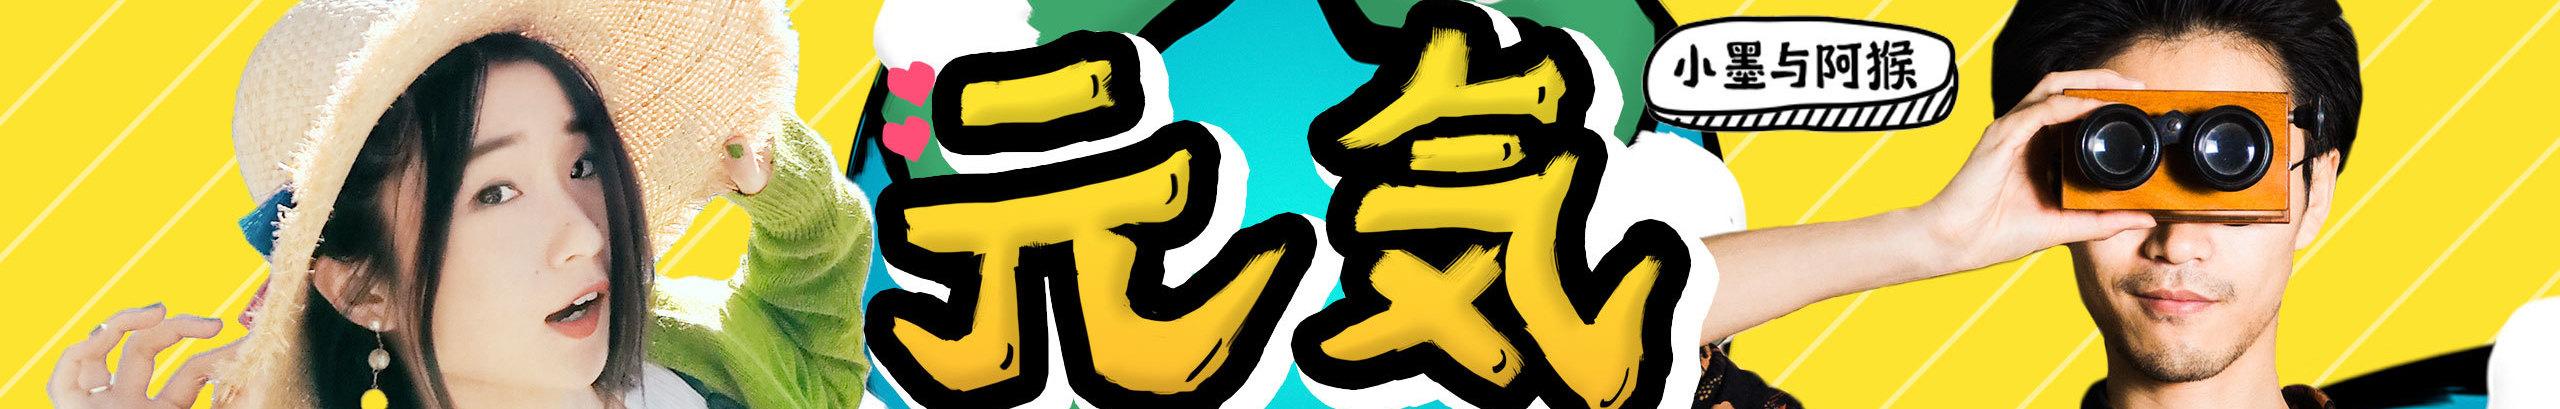 小墨与阿猴 banner